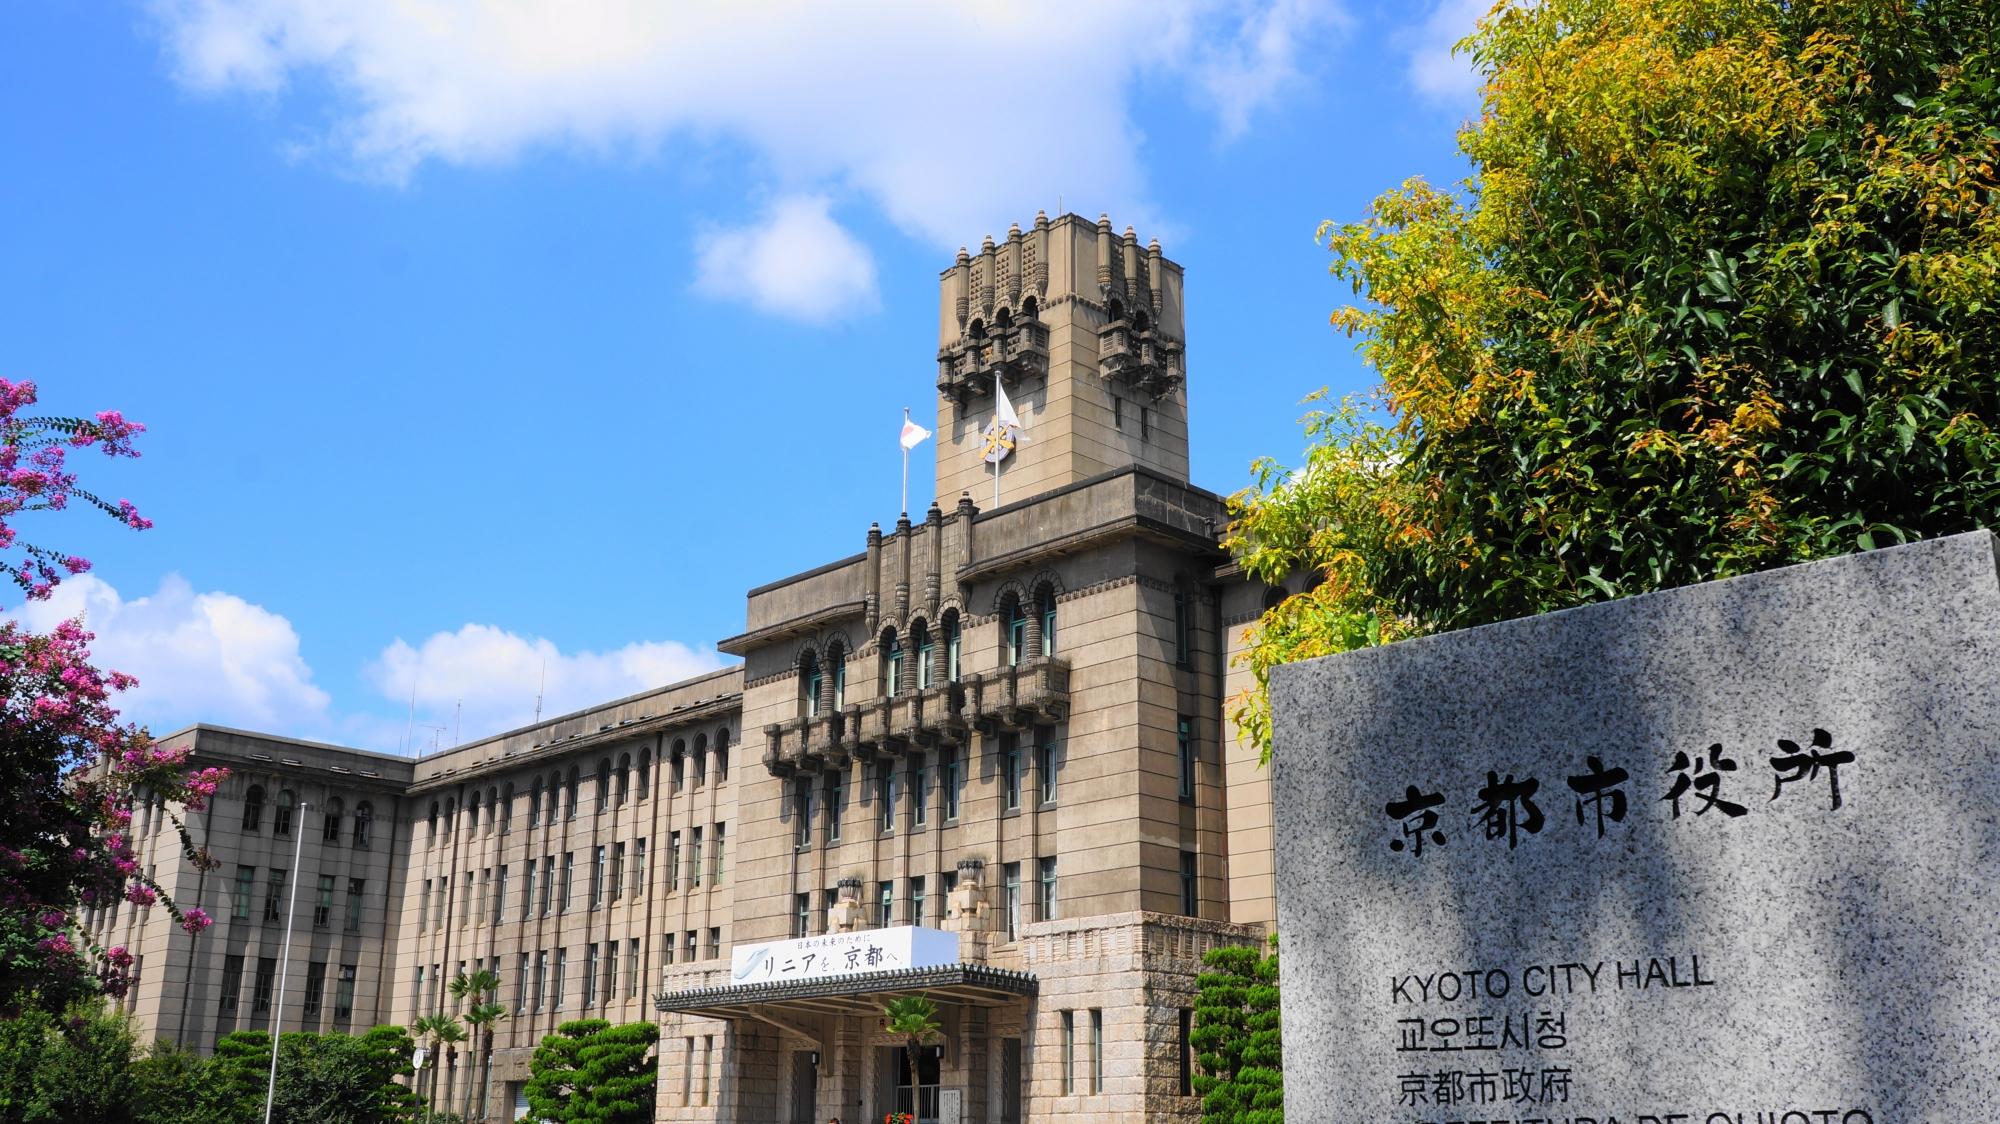 レトロな近代建築として知られる京都市役所